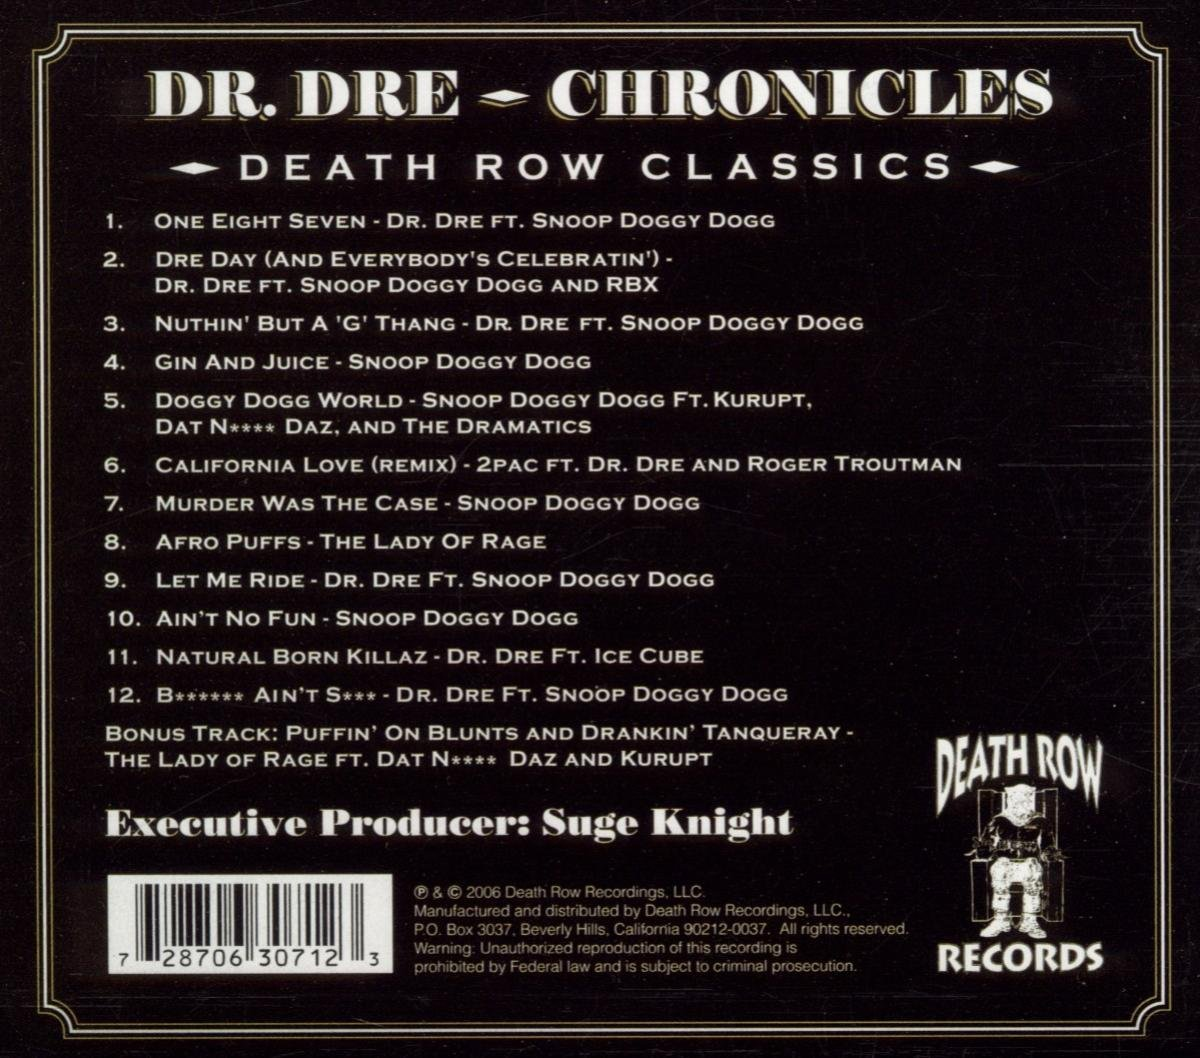 Chronicles Death Row Classics